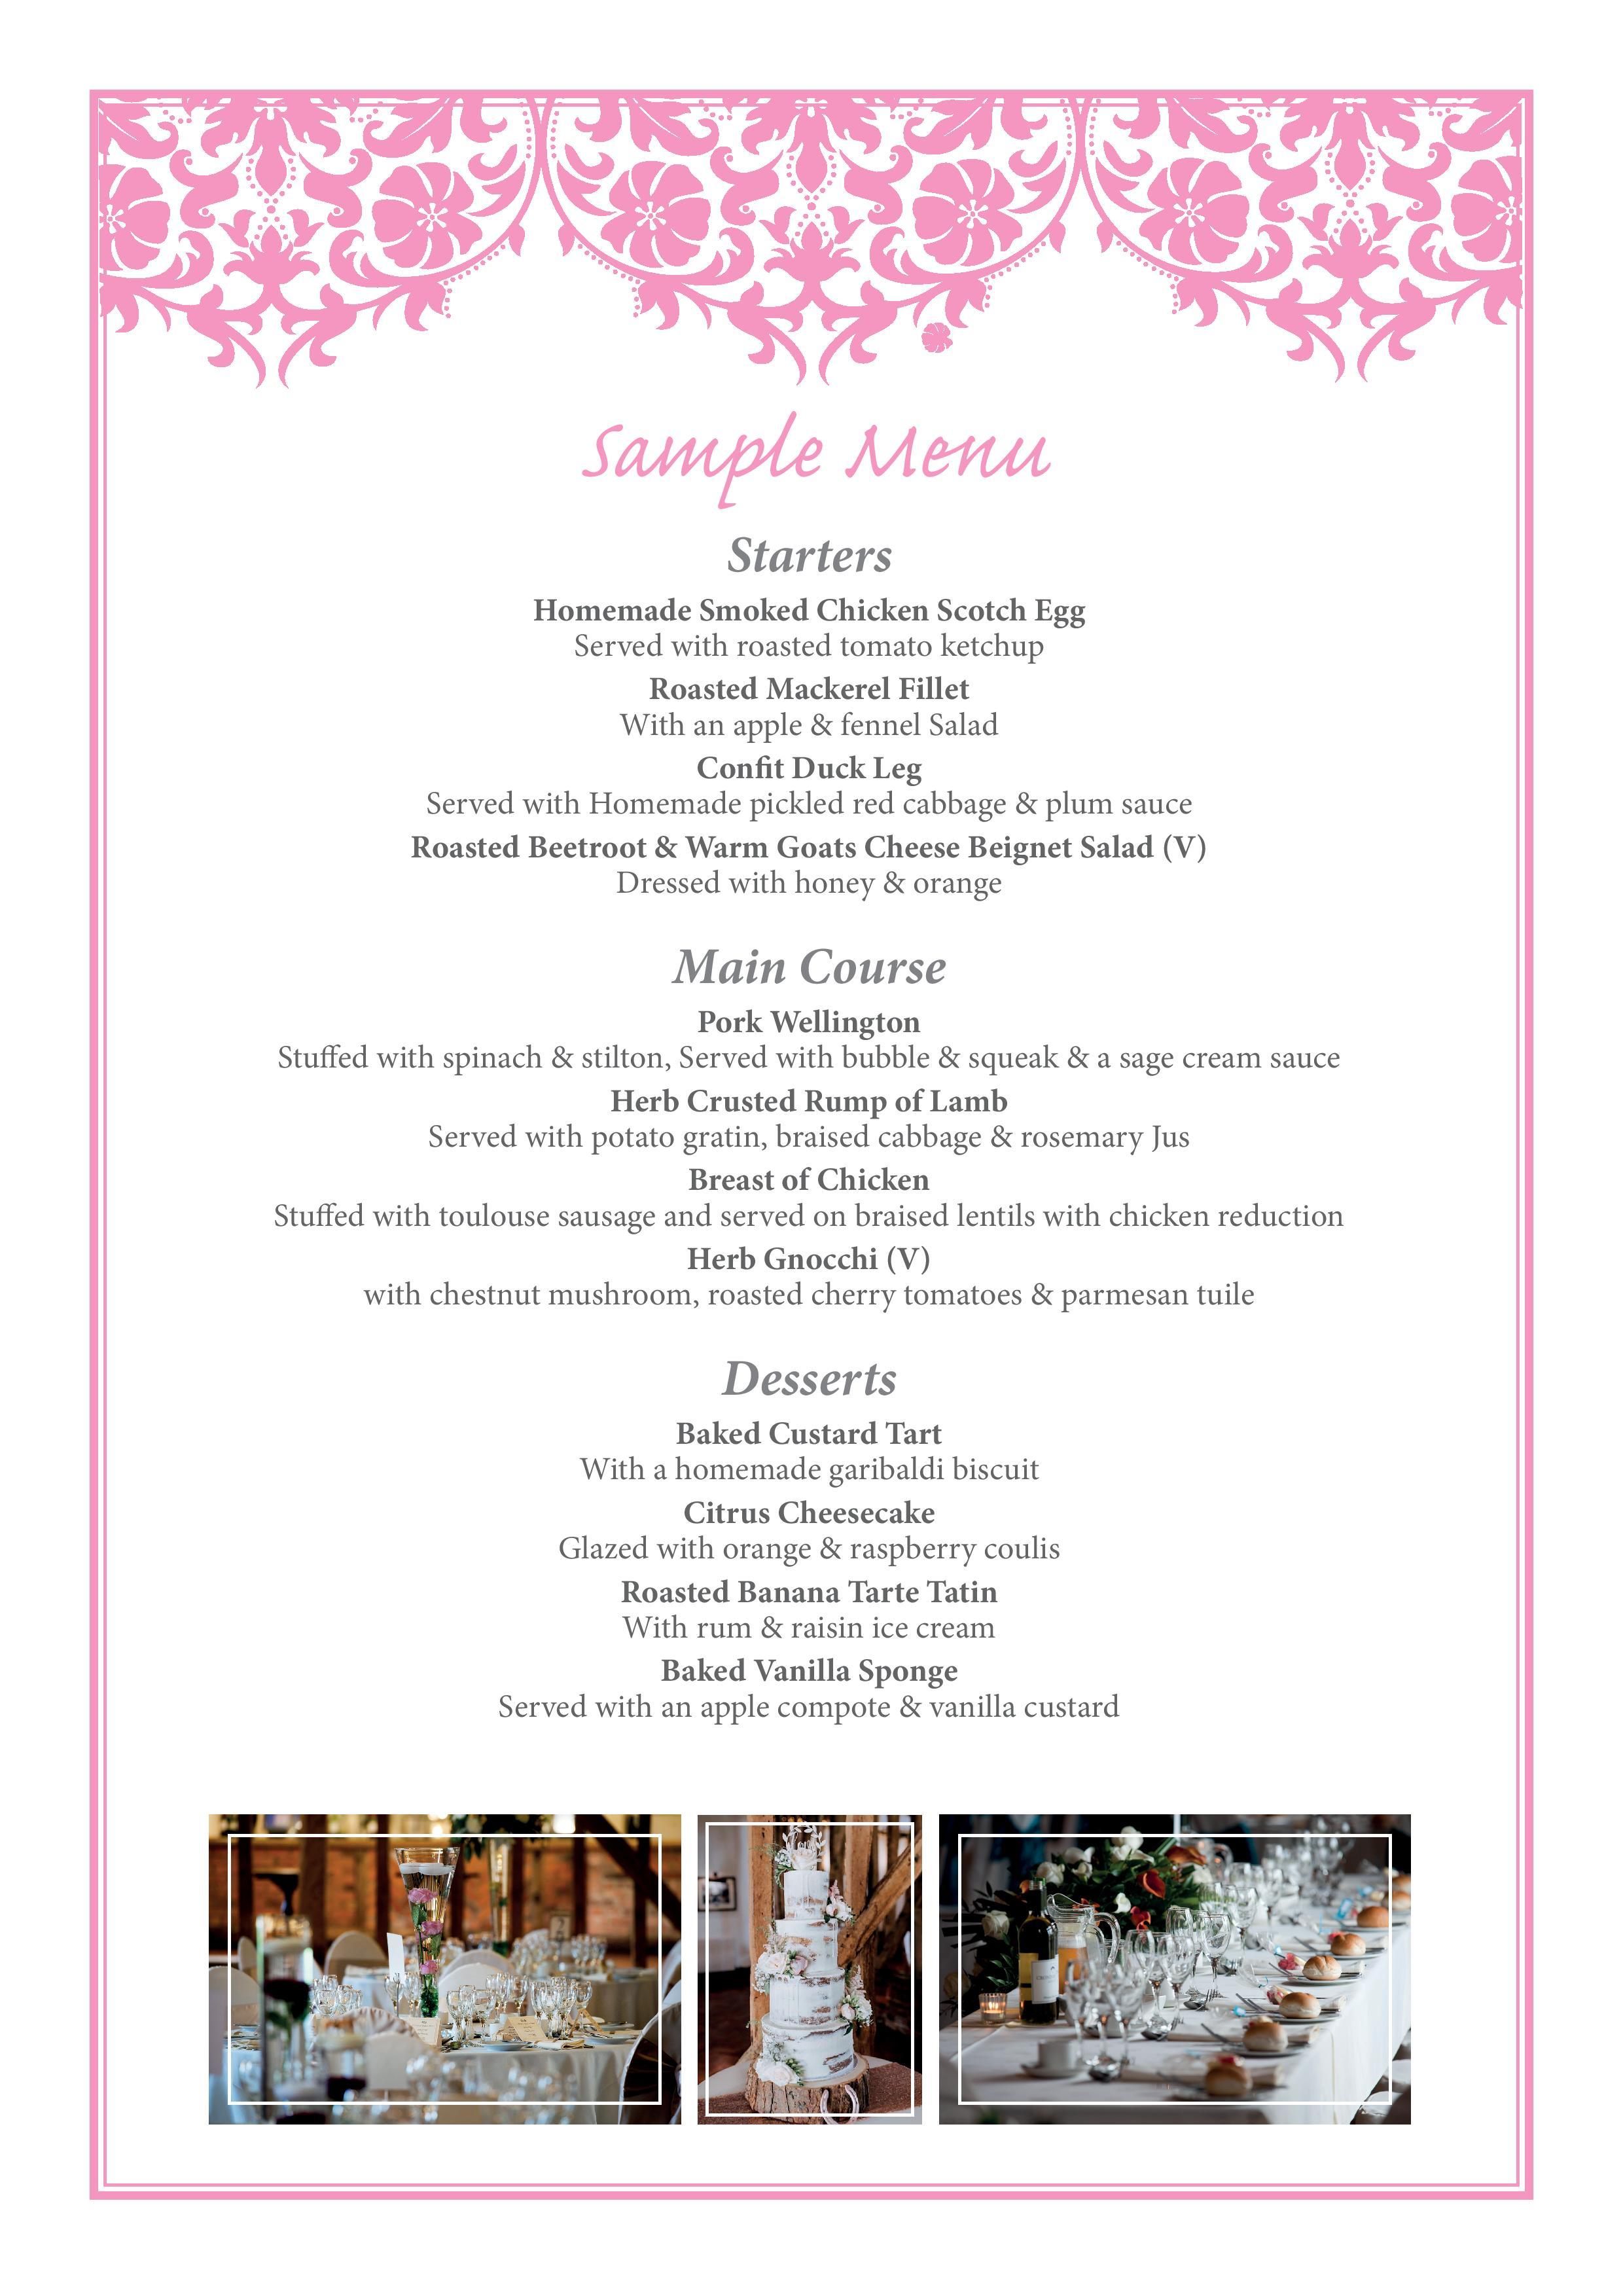 crondon sample menu